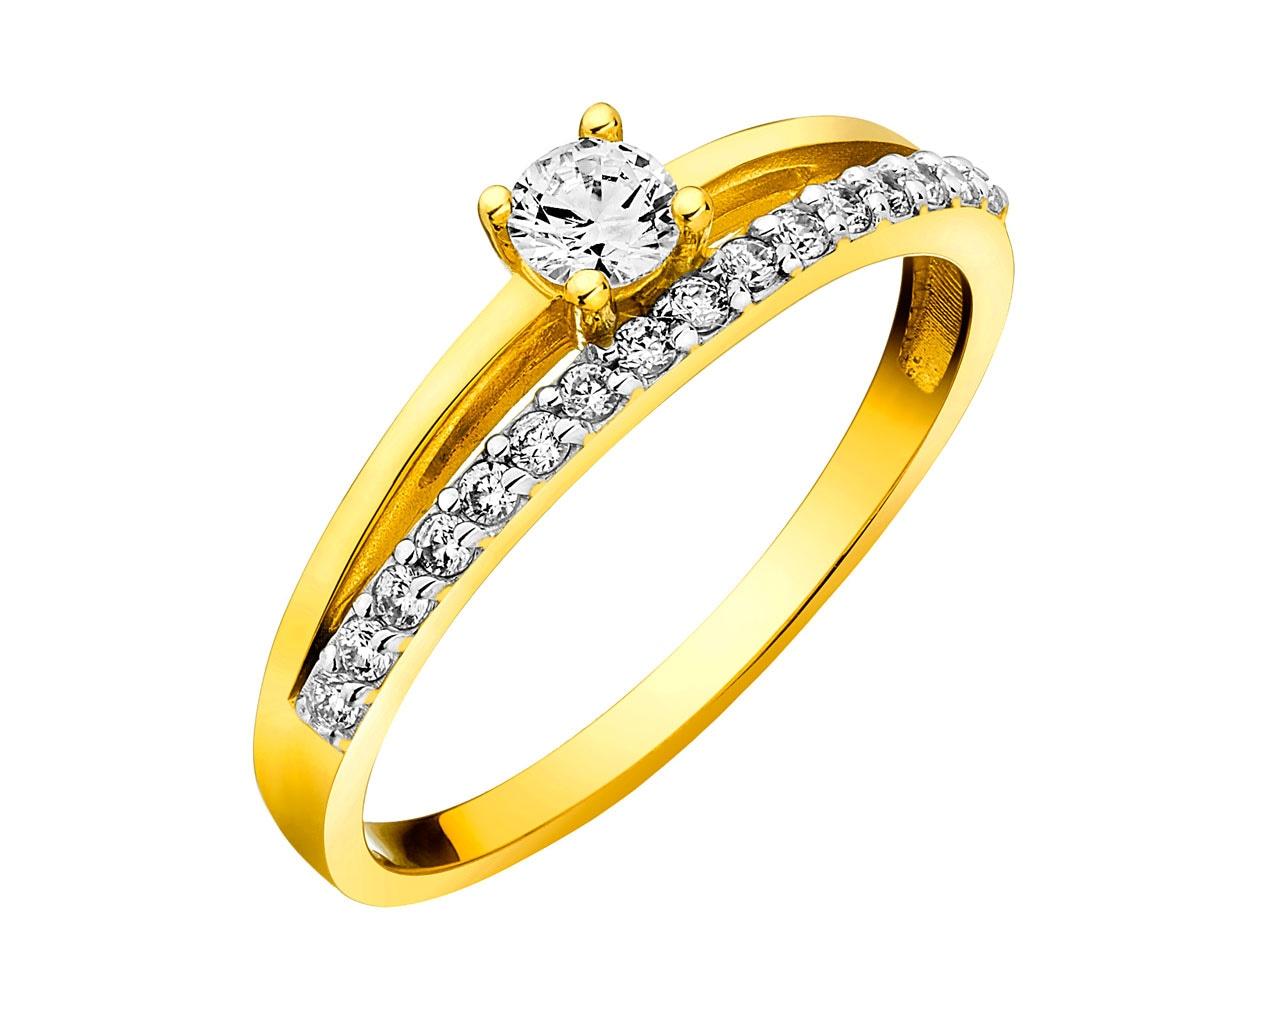 af4d679323f04a Złoty pierścionek - wzór P-996.01 / Apart